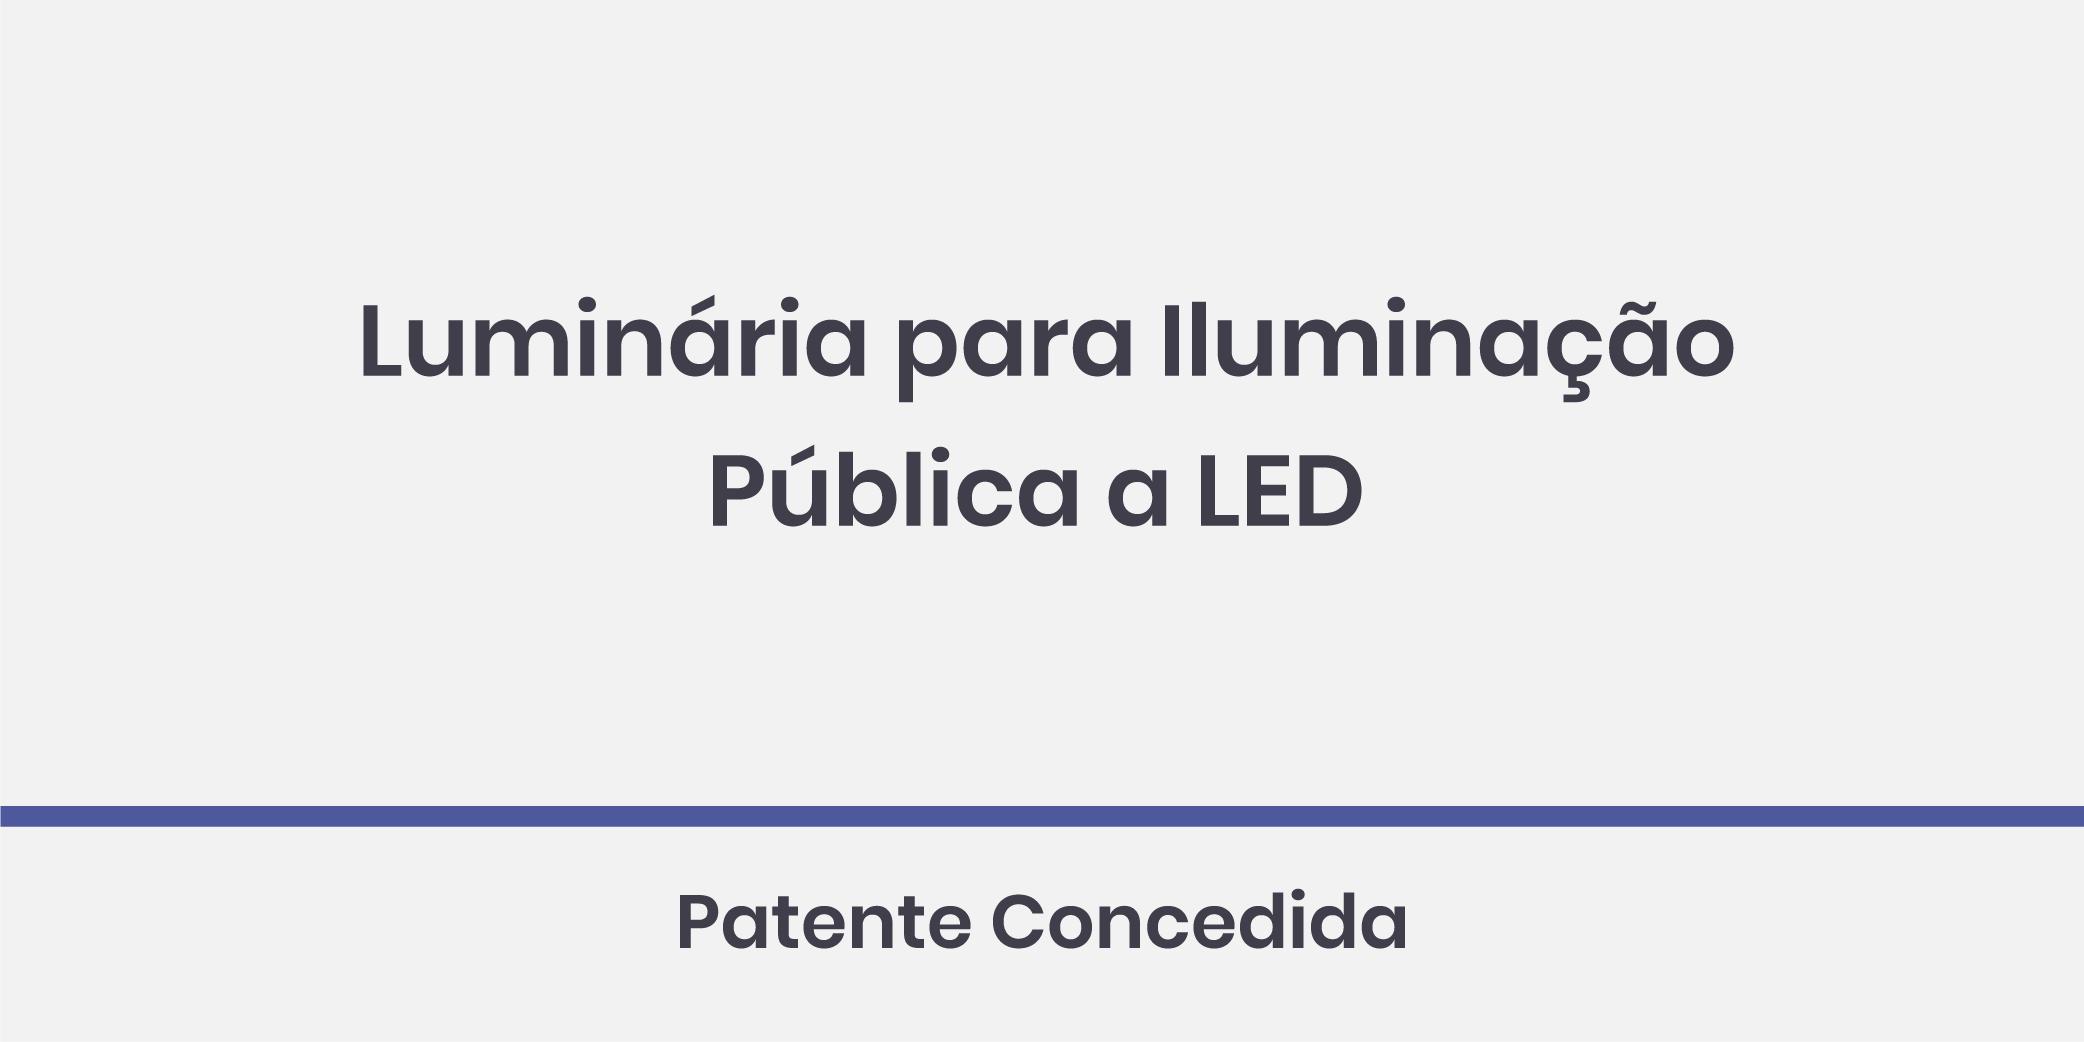 Luminária para Iluminação Pública a LED; Patente Concedida.